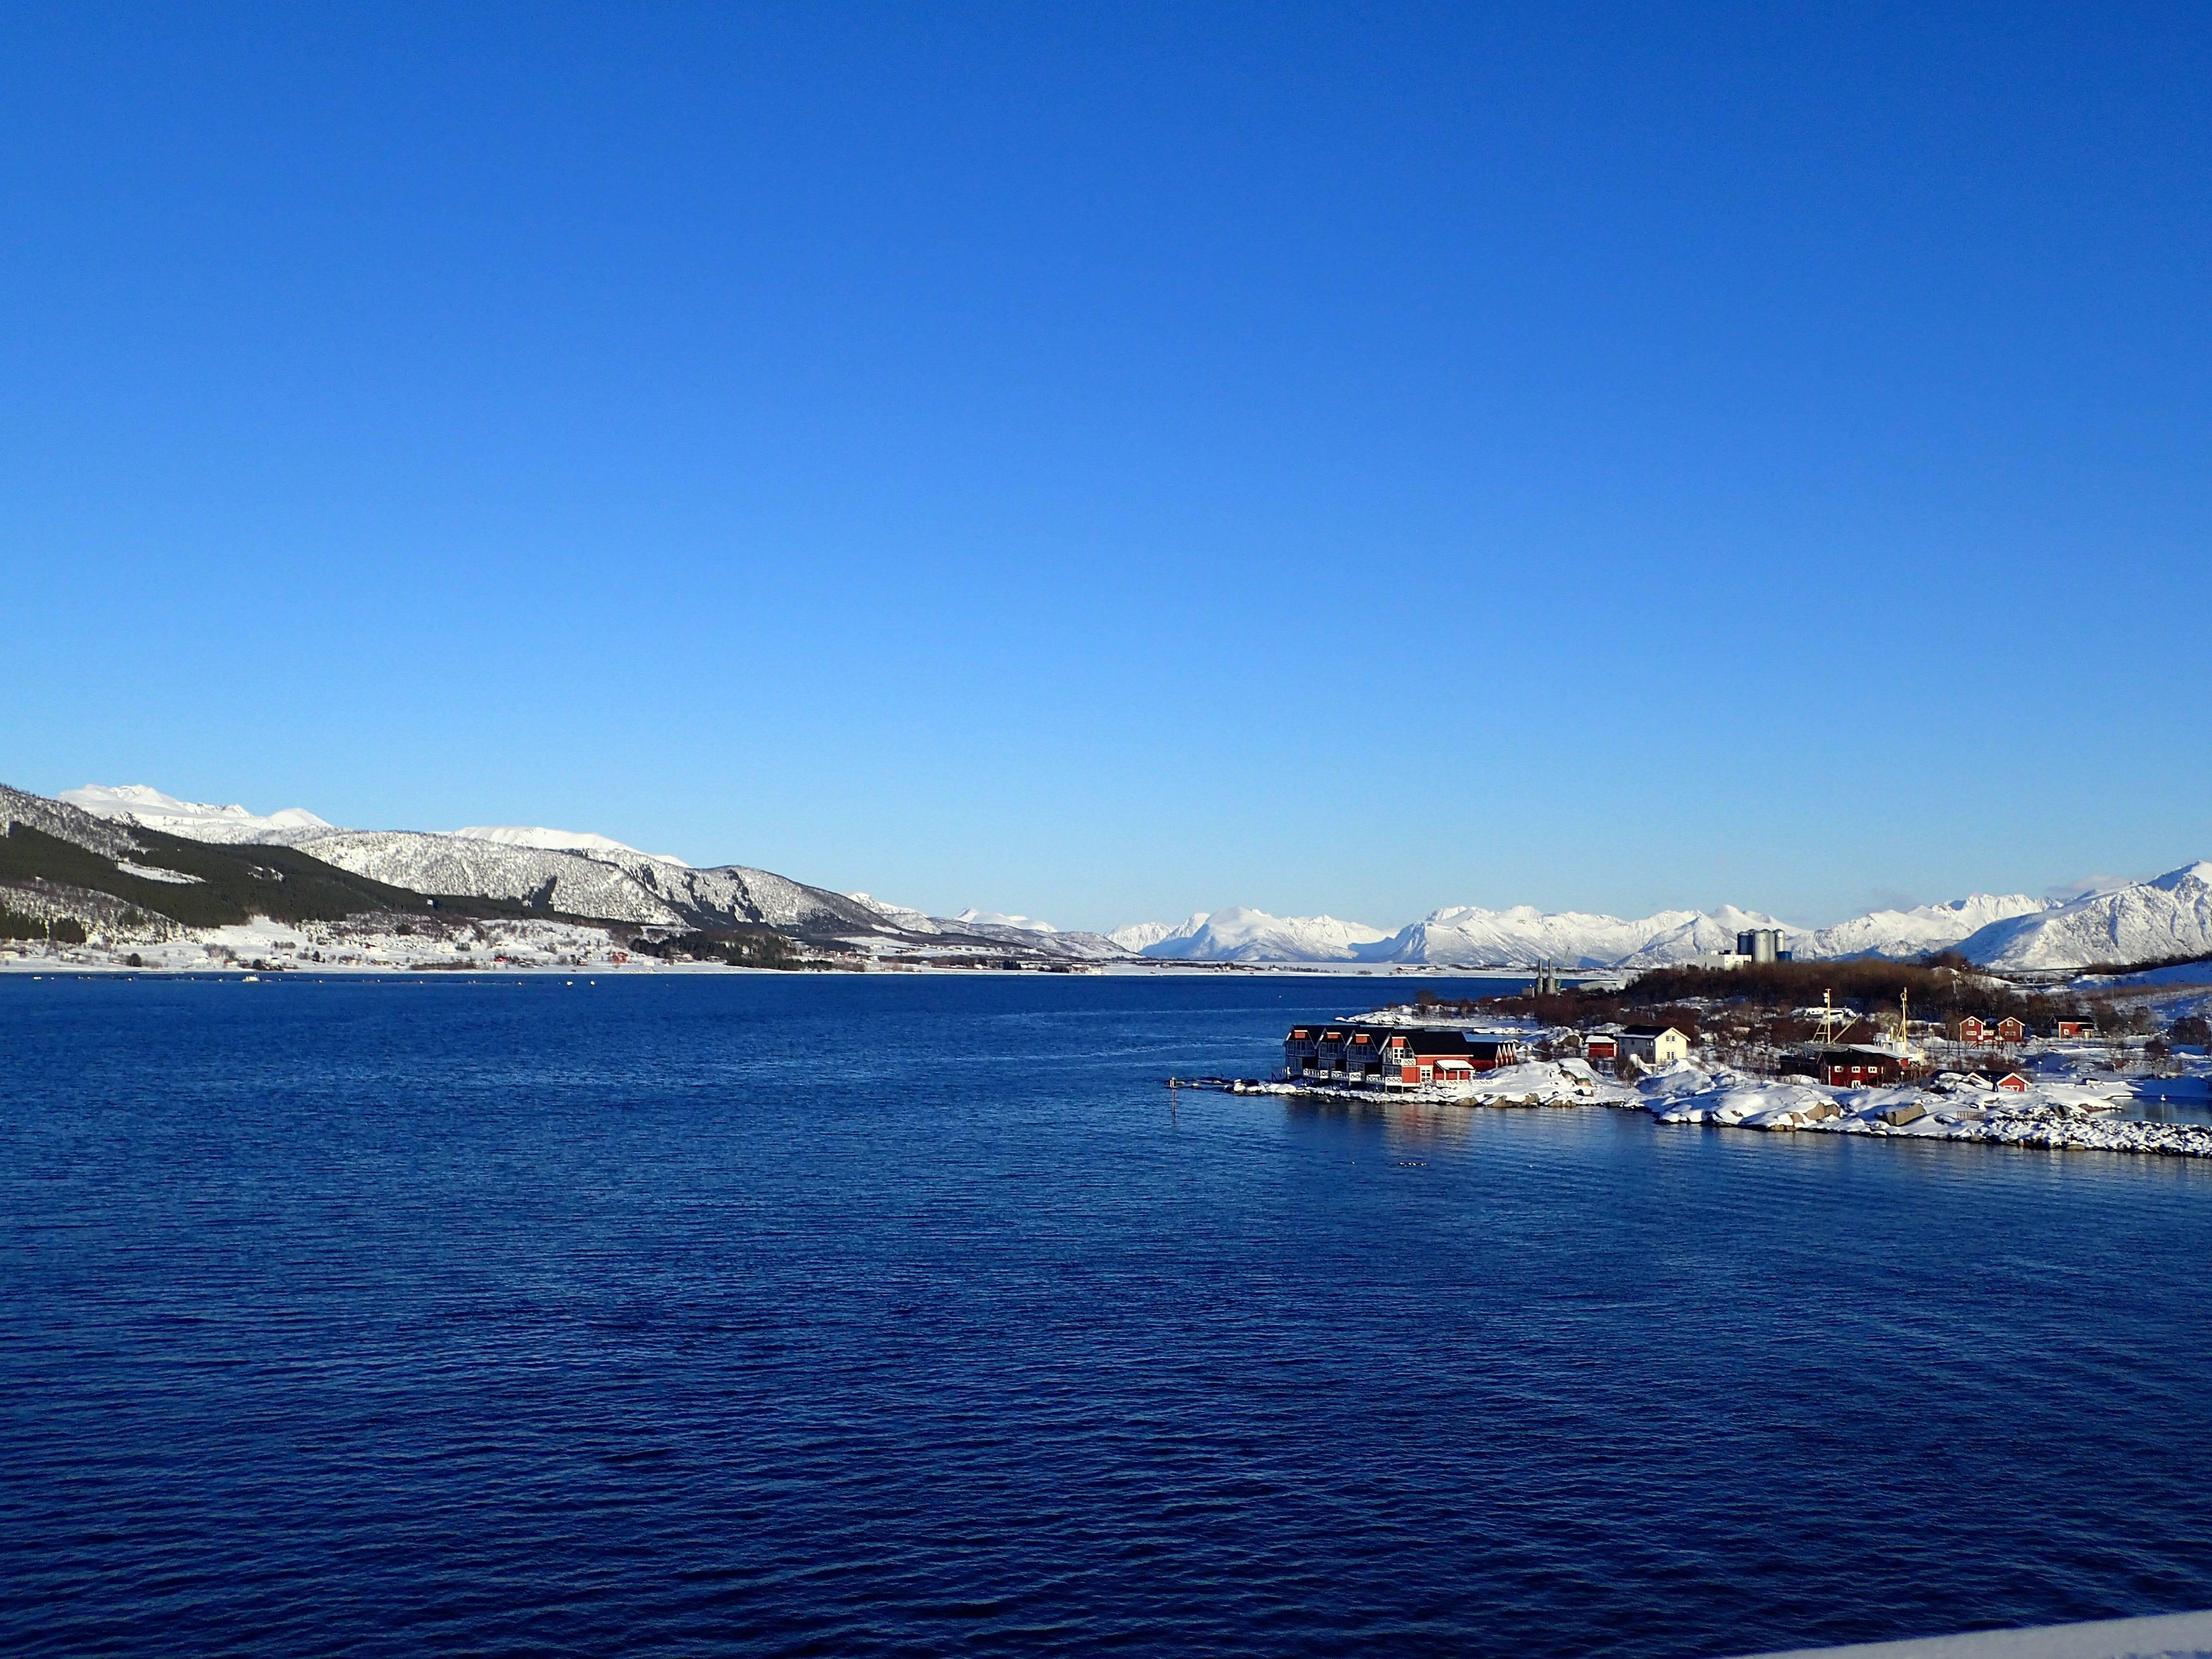 Photo 3: Croisère dans les fjords norvégiens